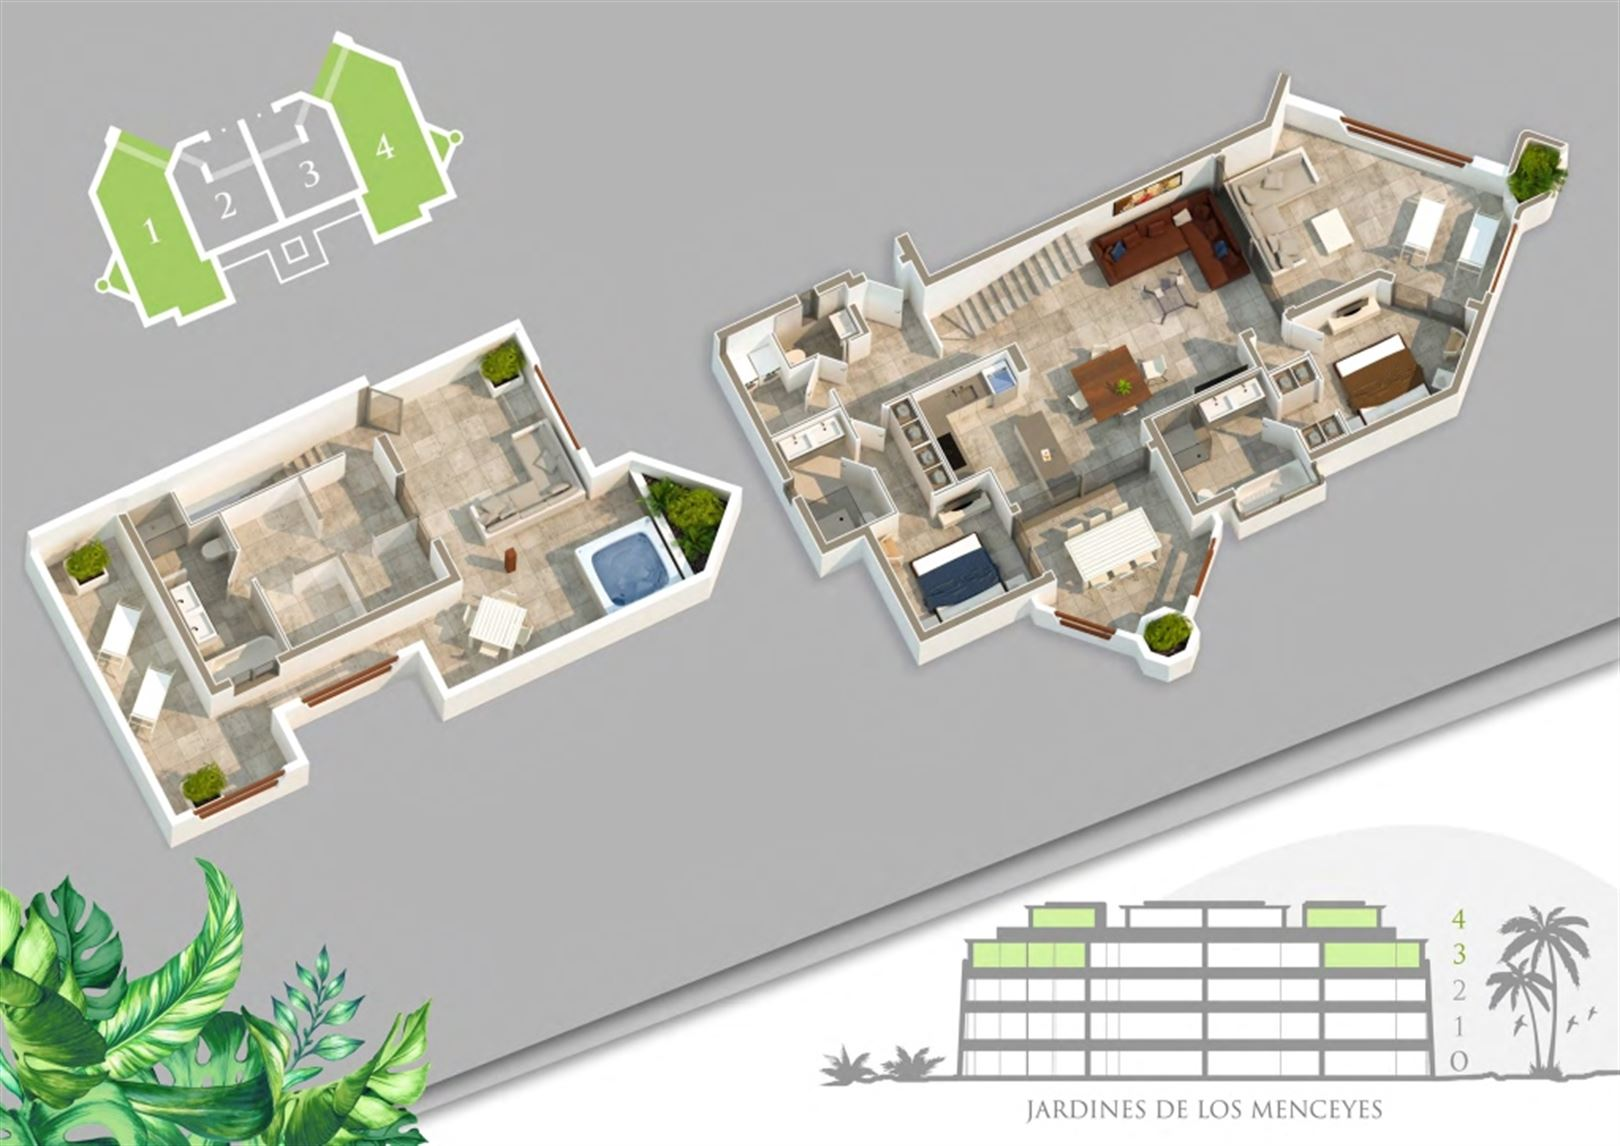 Foto 11 : Appartement te  ARONA - PALM MAR (Spanje) - Prijs Prijs op aanvraag